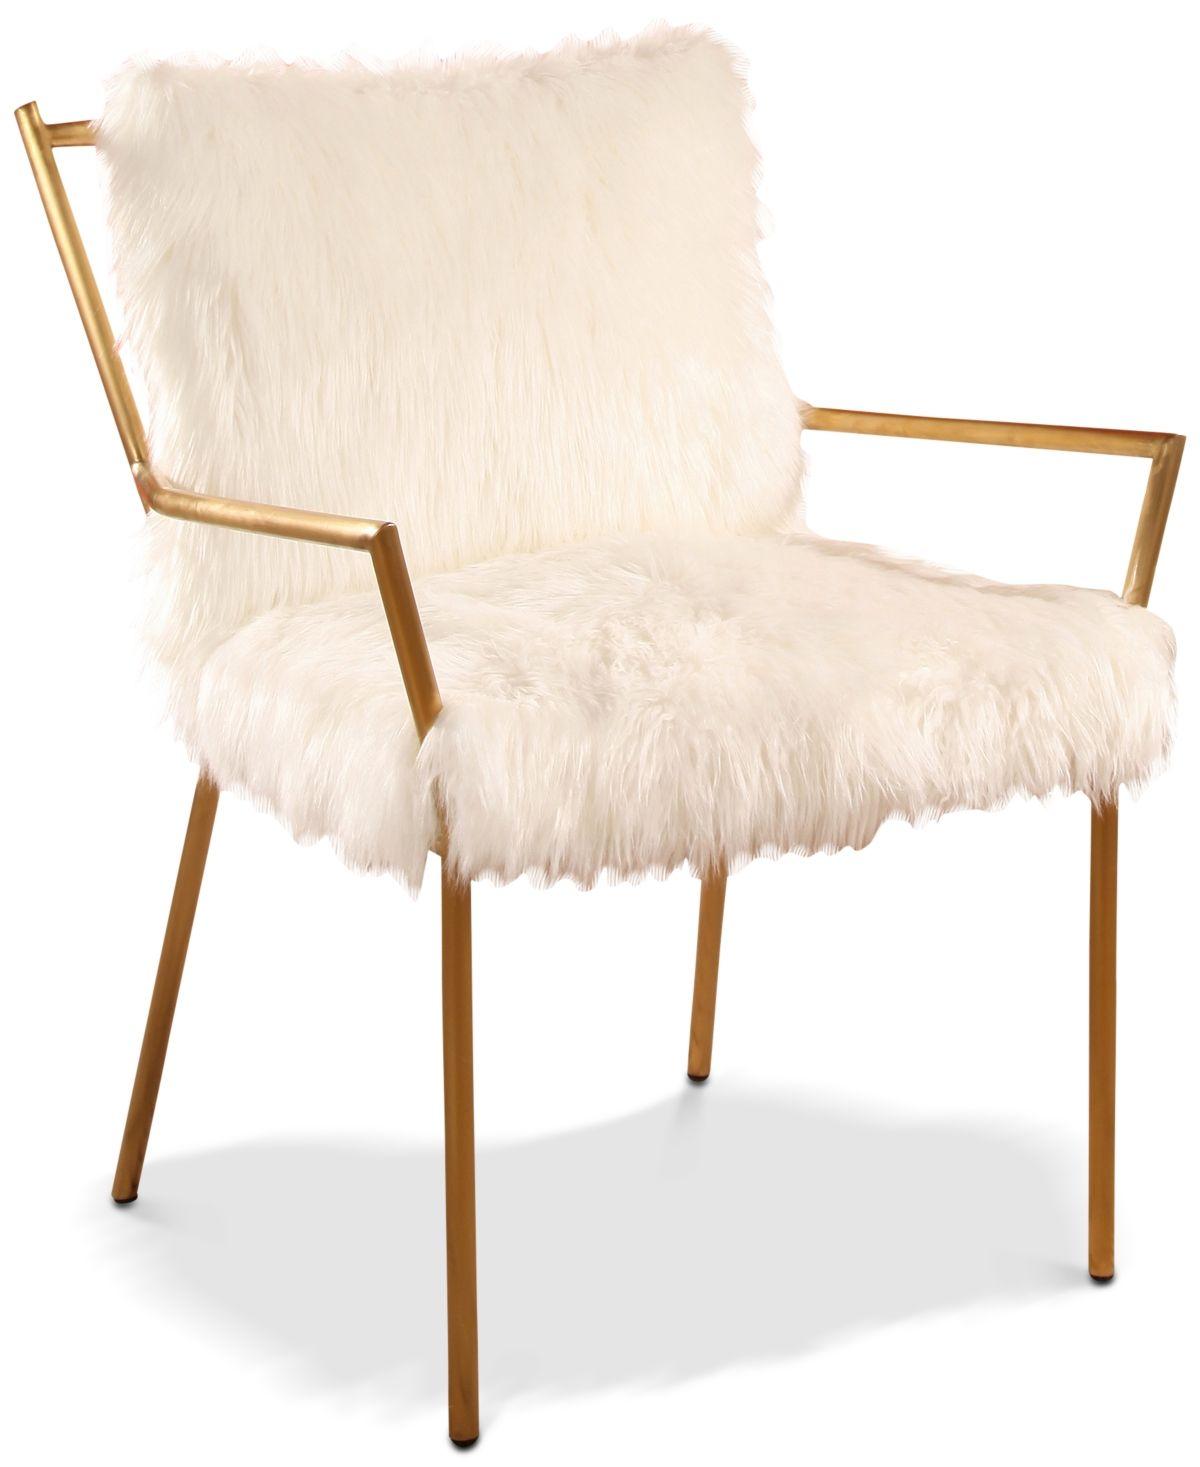 Chelsea faux fur armchair white armchair furniture